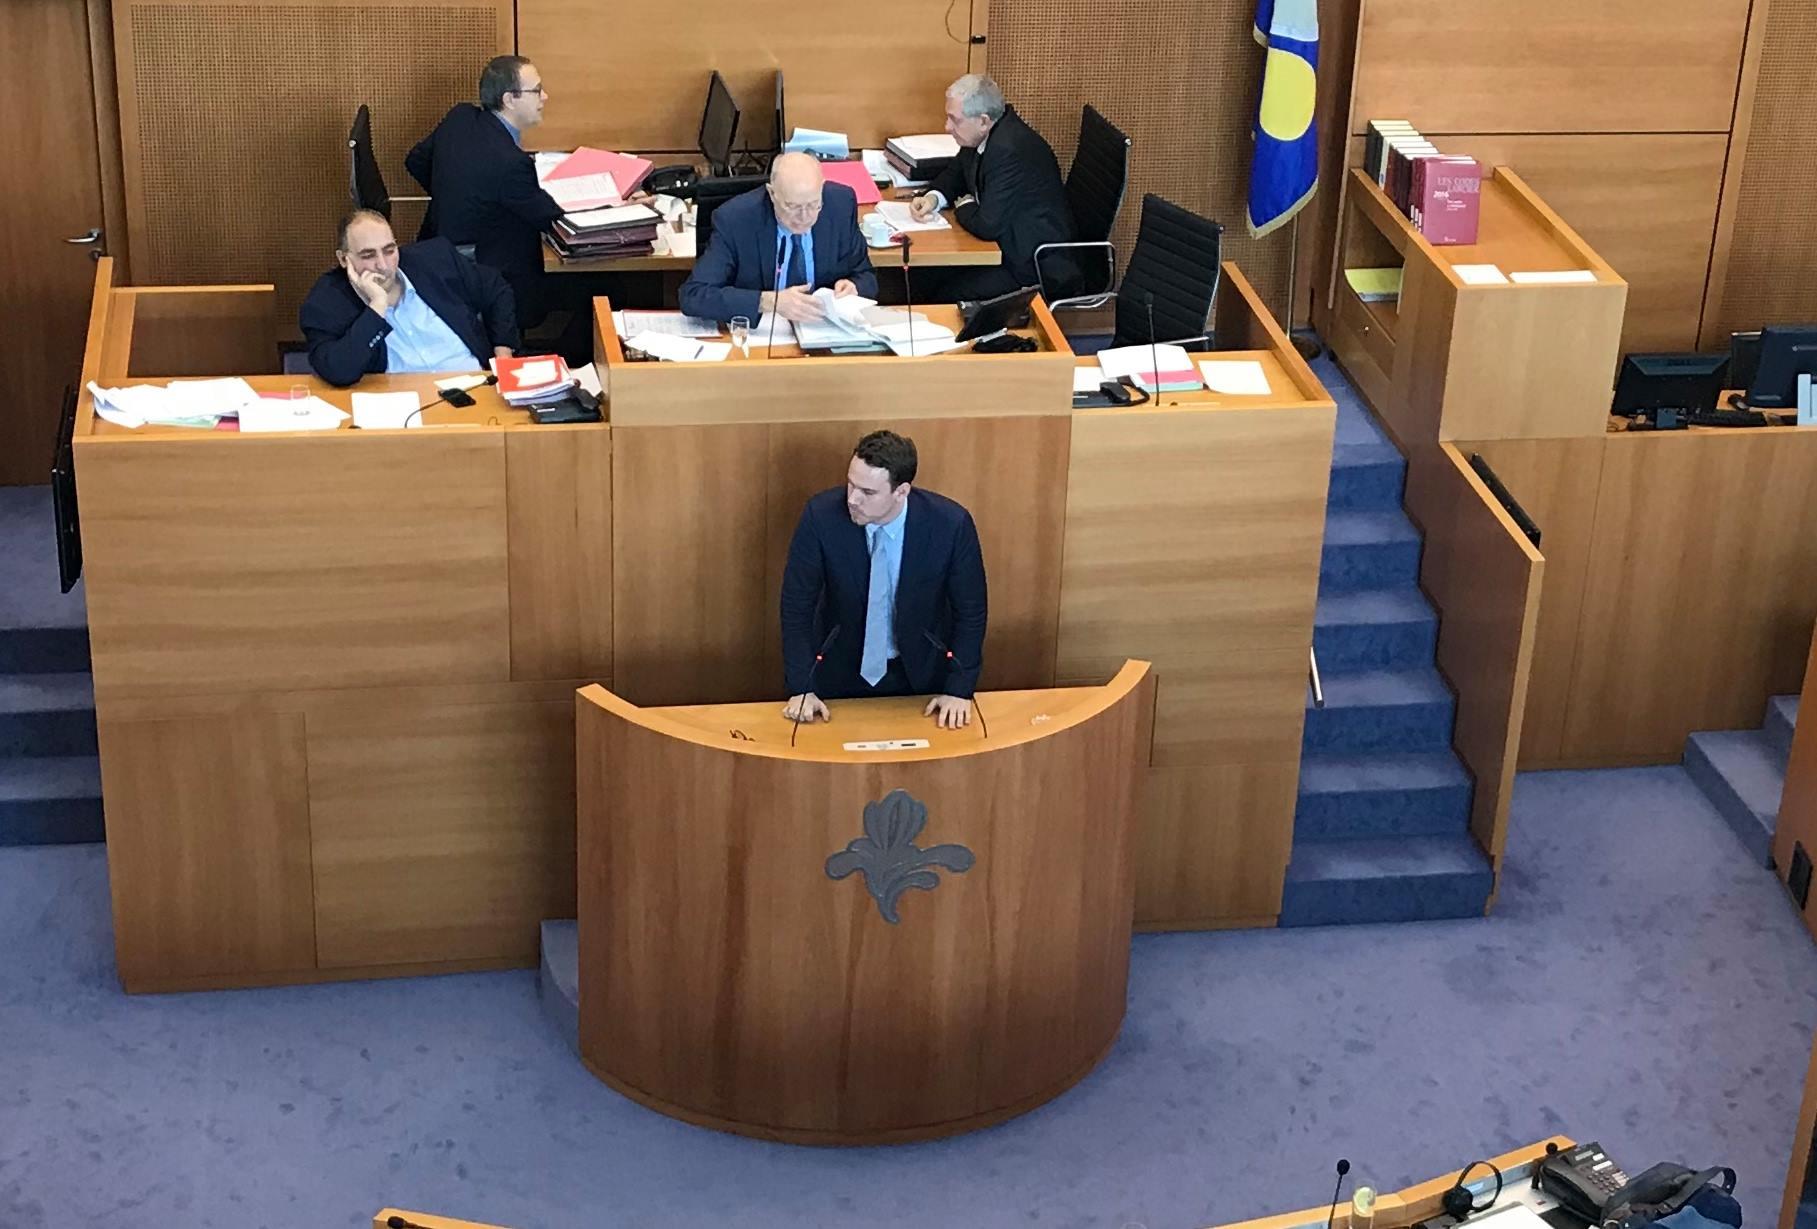 Dans les coulisses du Parlement